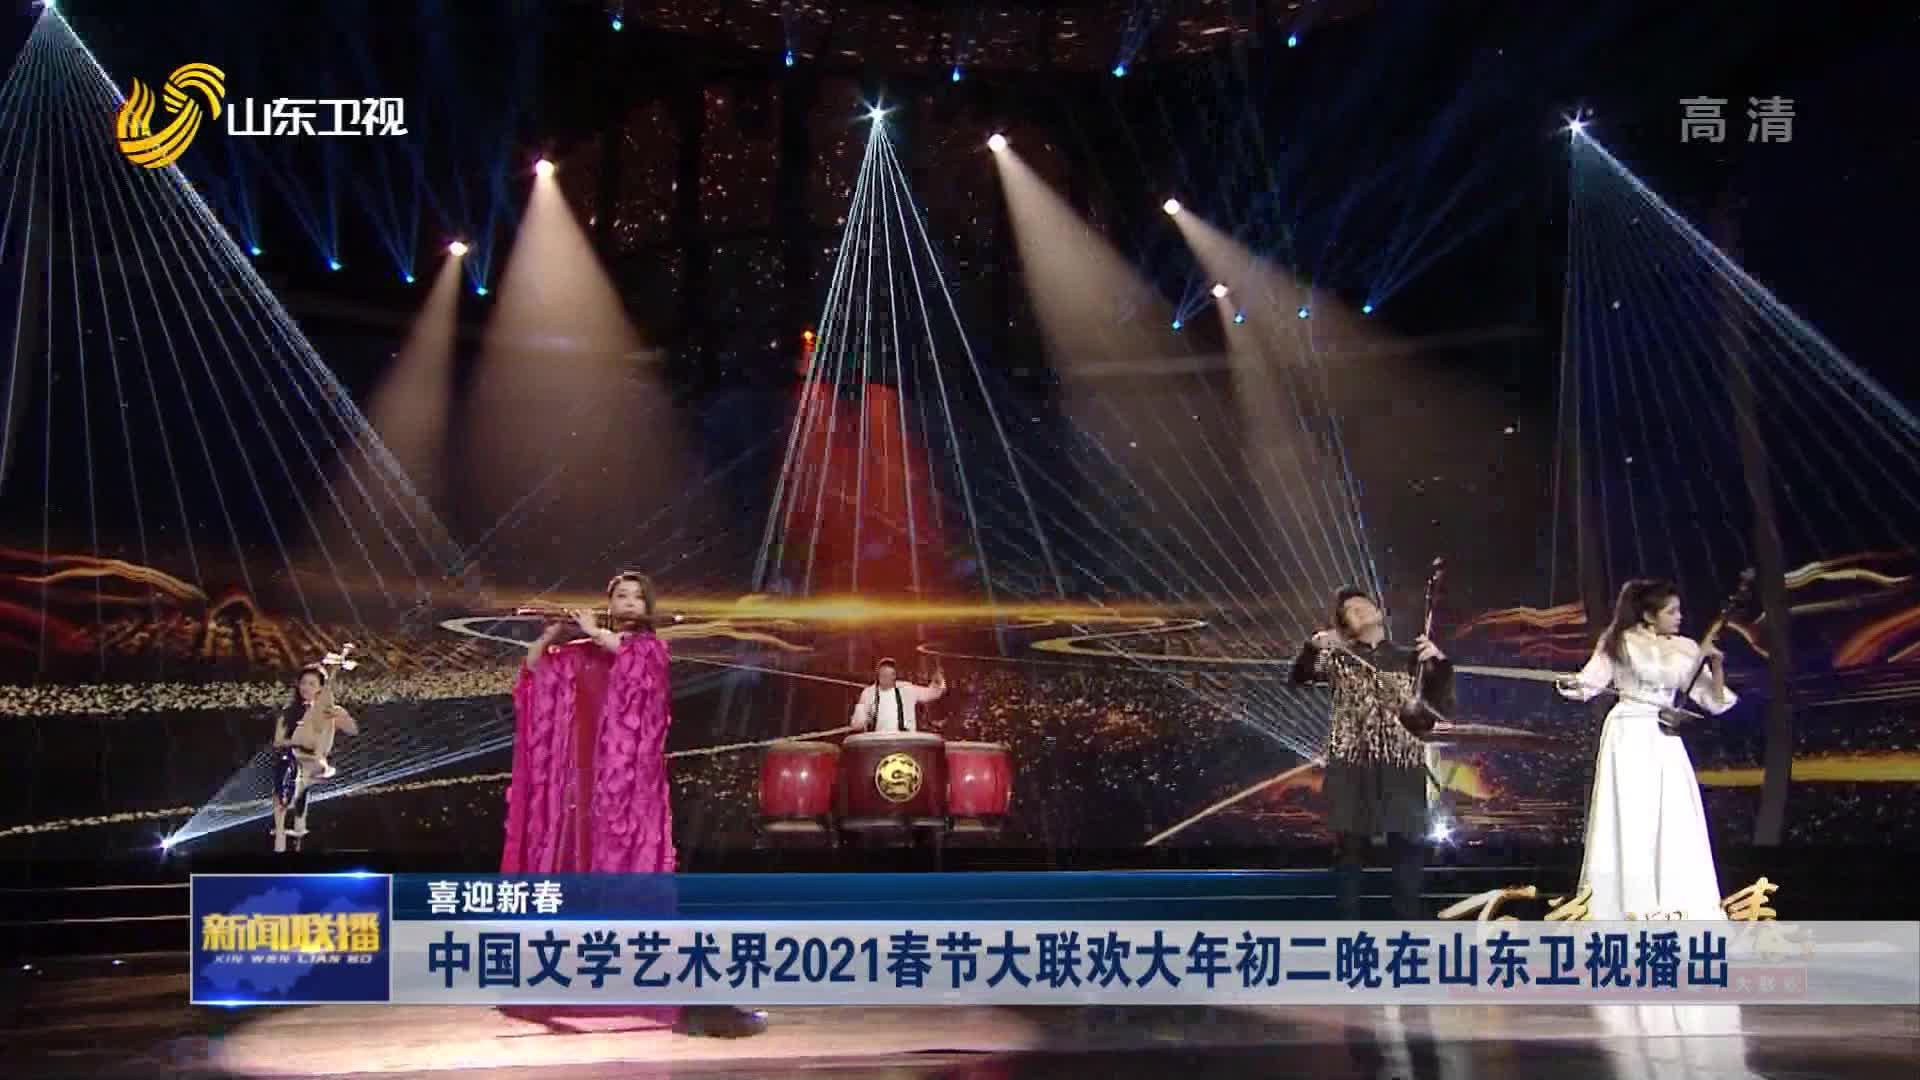 【喜迎新春】中国文学艺术界2021春节大联欢大年初二晚在山东卫视播出